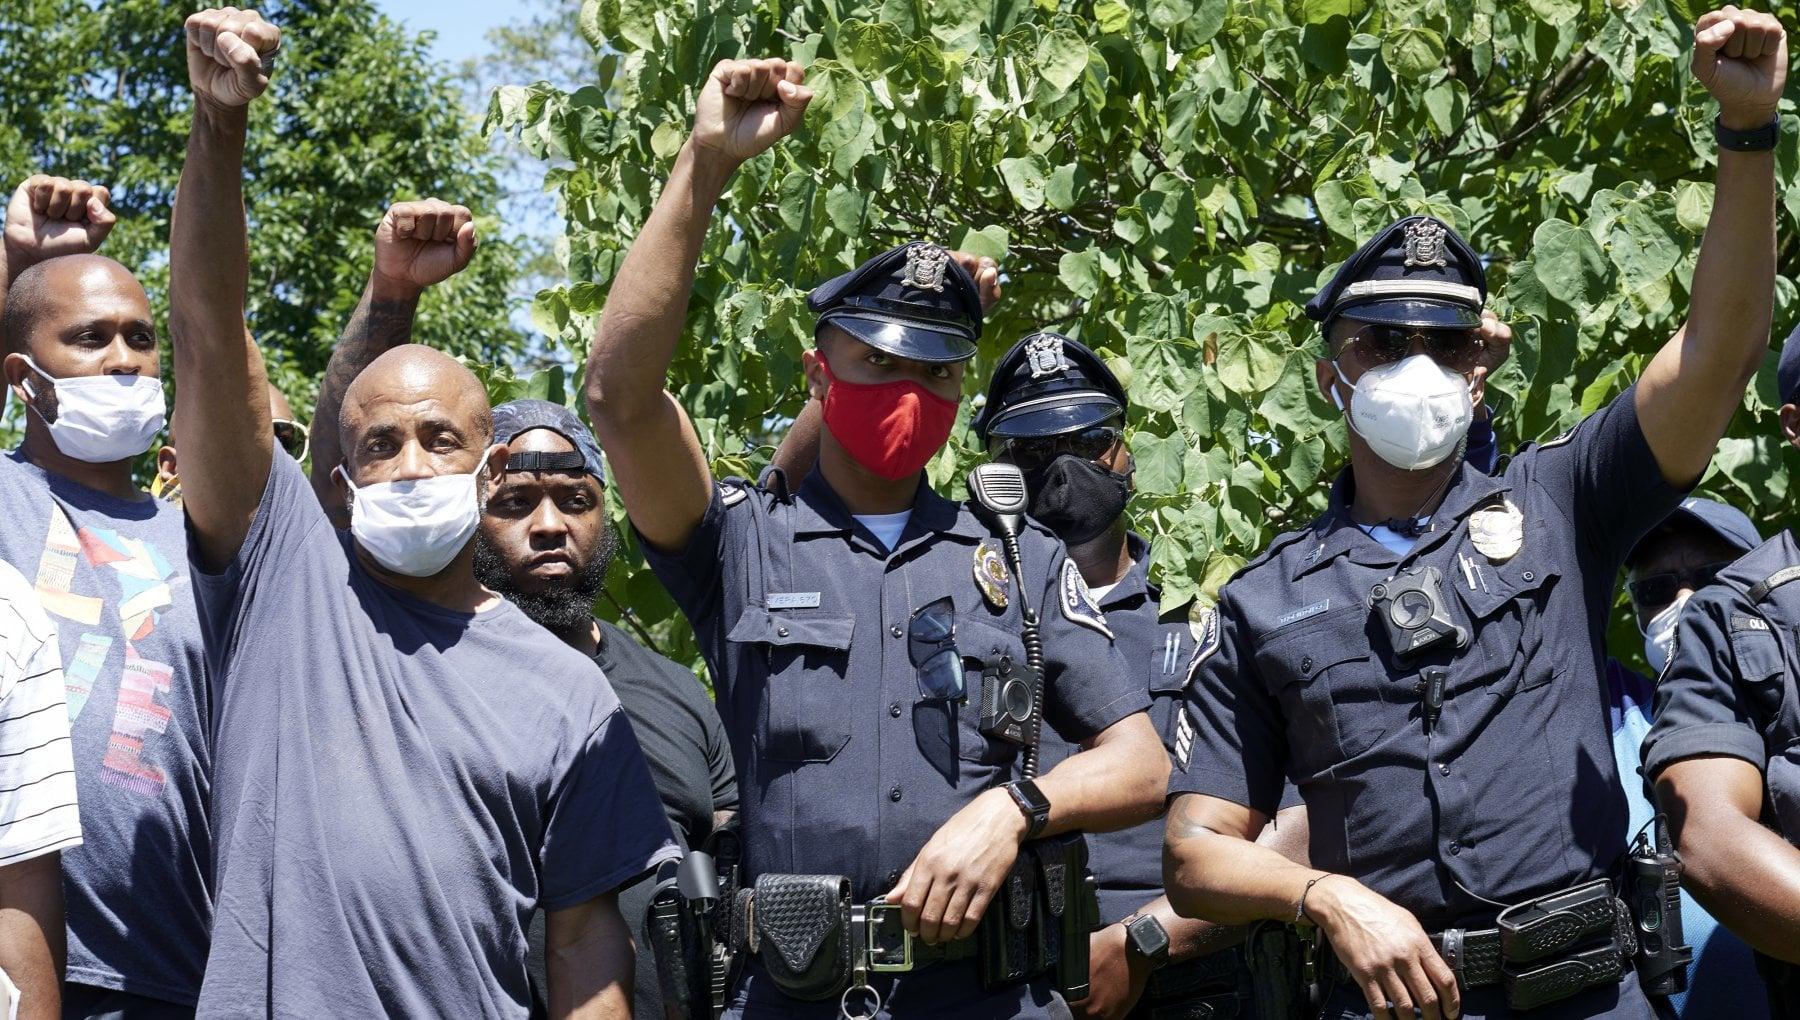 Scuola di polizia a Camden New Jersey